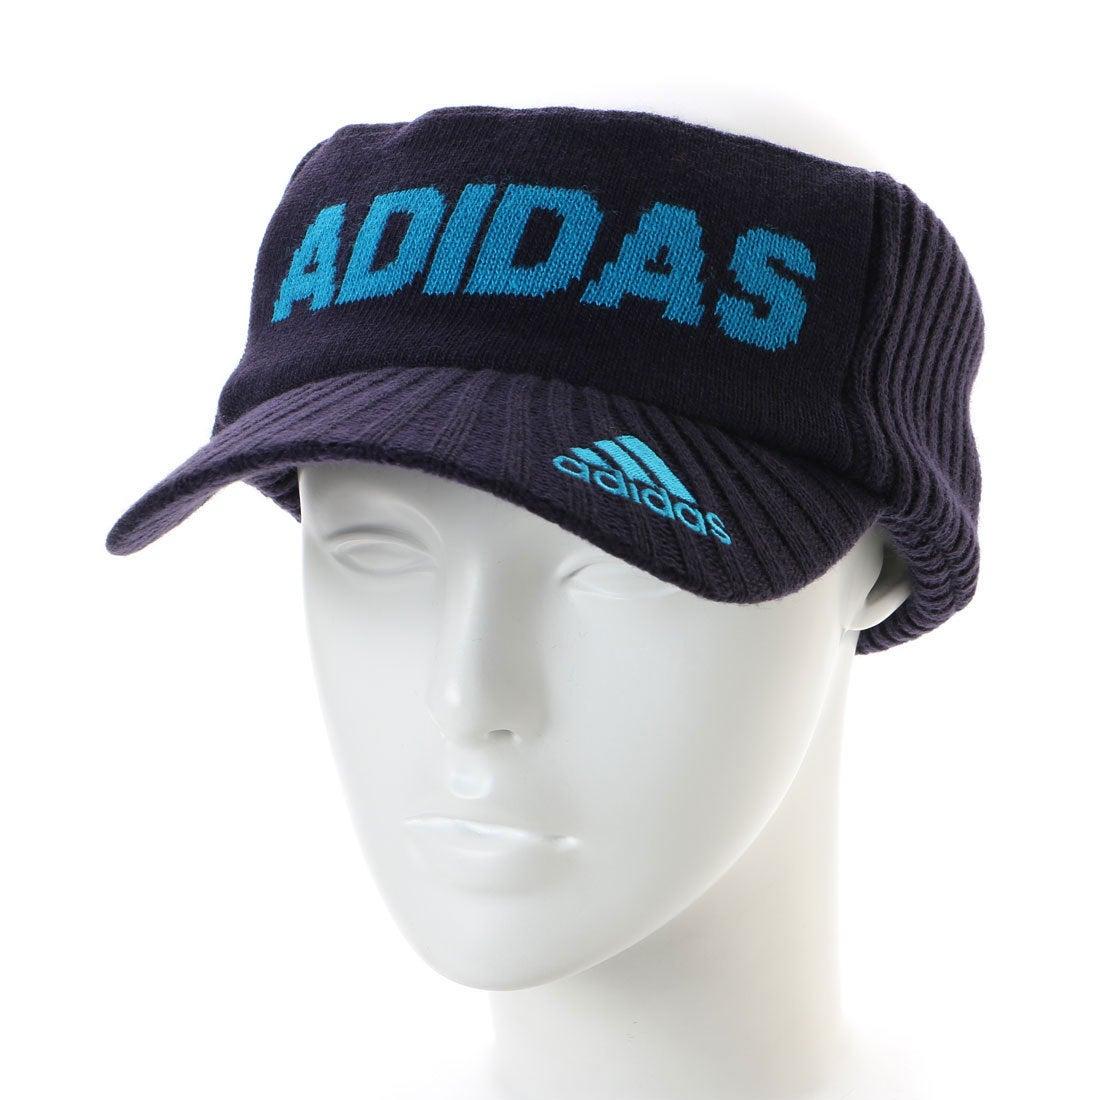 aad66fbe5df3a9 アディダス adidas メンズ ゴルフ ニット帽子 CP ロゴニットバイザー N68296 -レディースファッション通販 ロコンドガールズコレクション  (LOCONDO GIRL'S COLLECTION)